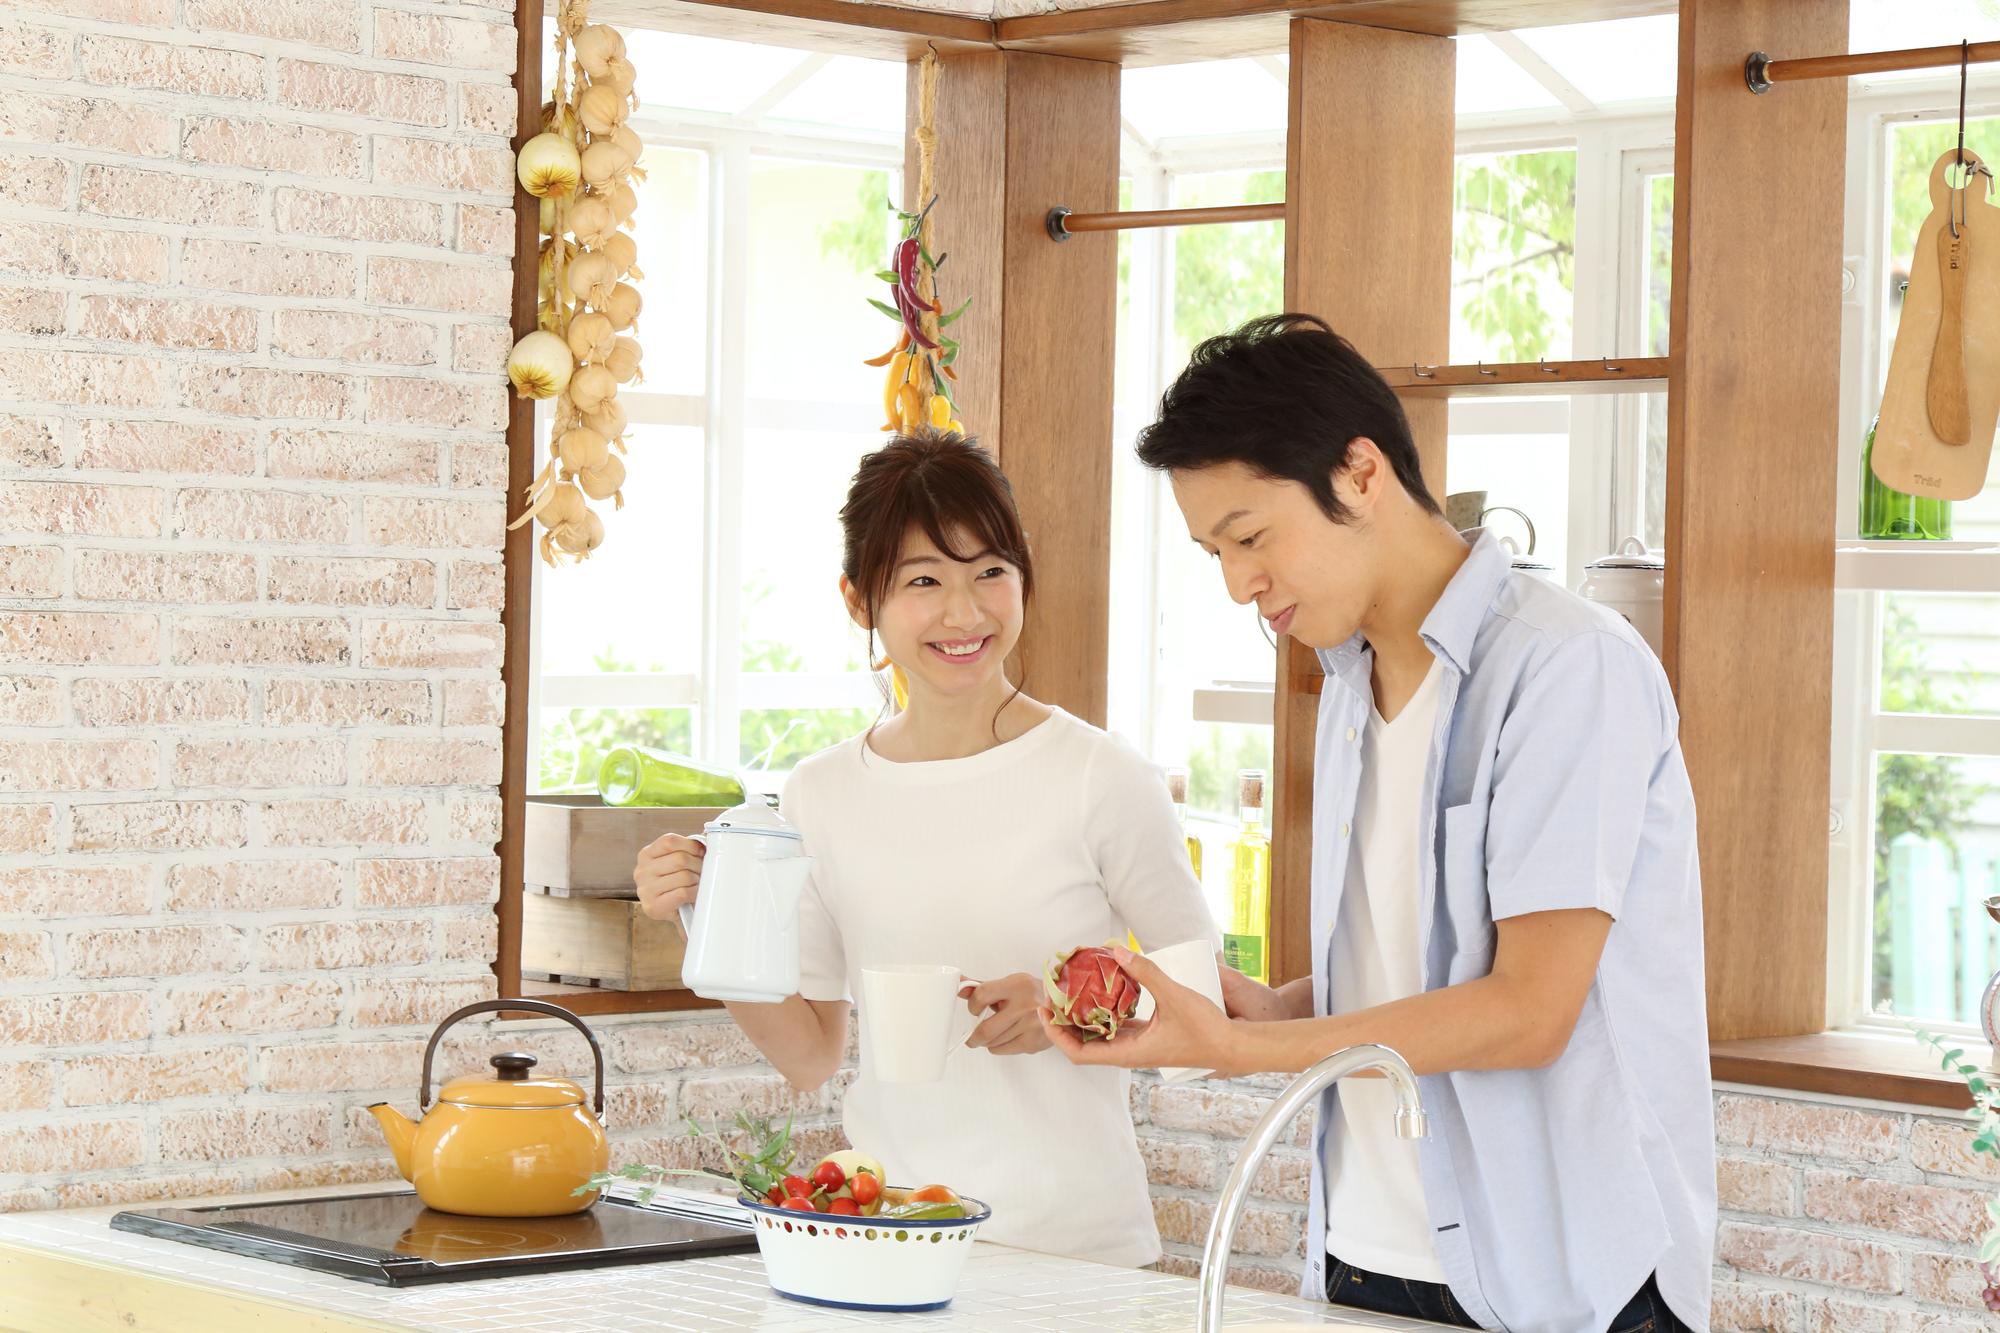 【カップル必見】レンタルキッチンで新鮮な時間を!レンタルキッチンまとめ